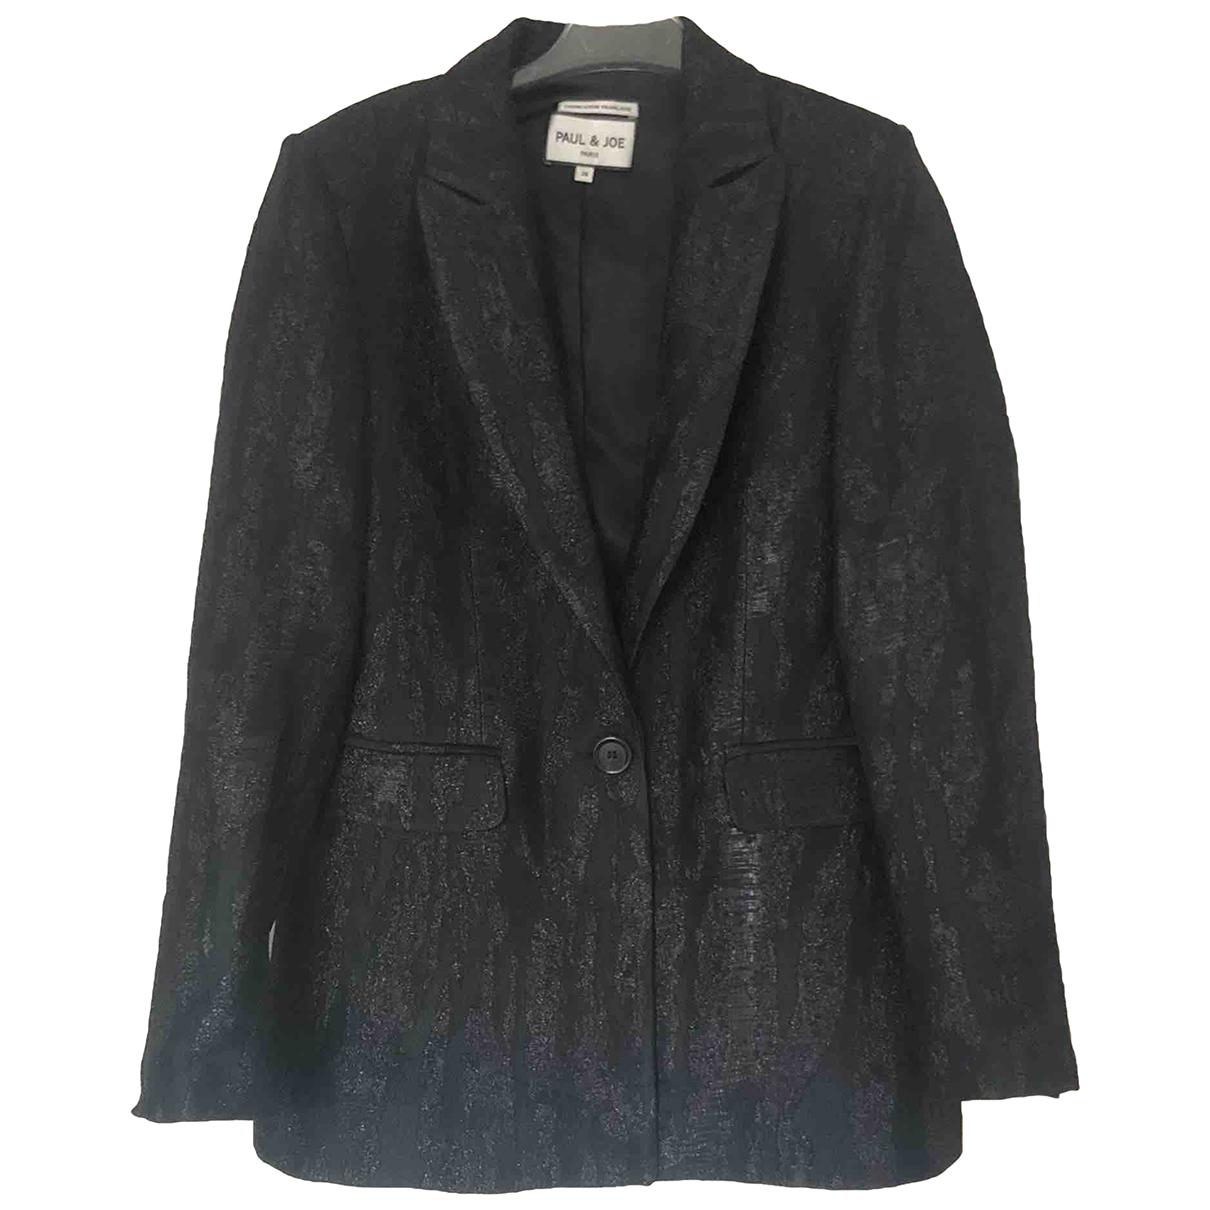 Paul & Joe \N Black jacket for Women 36 FR